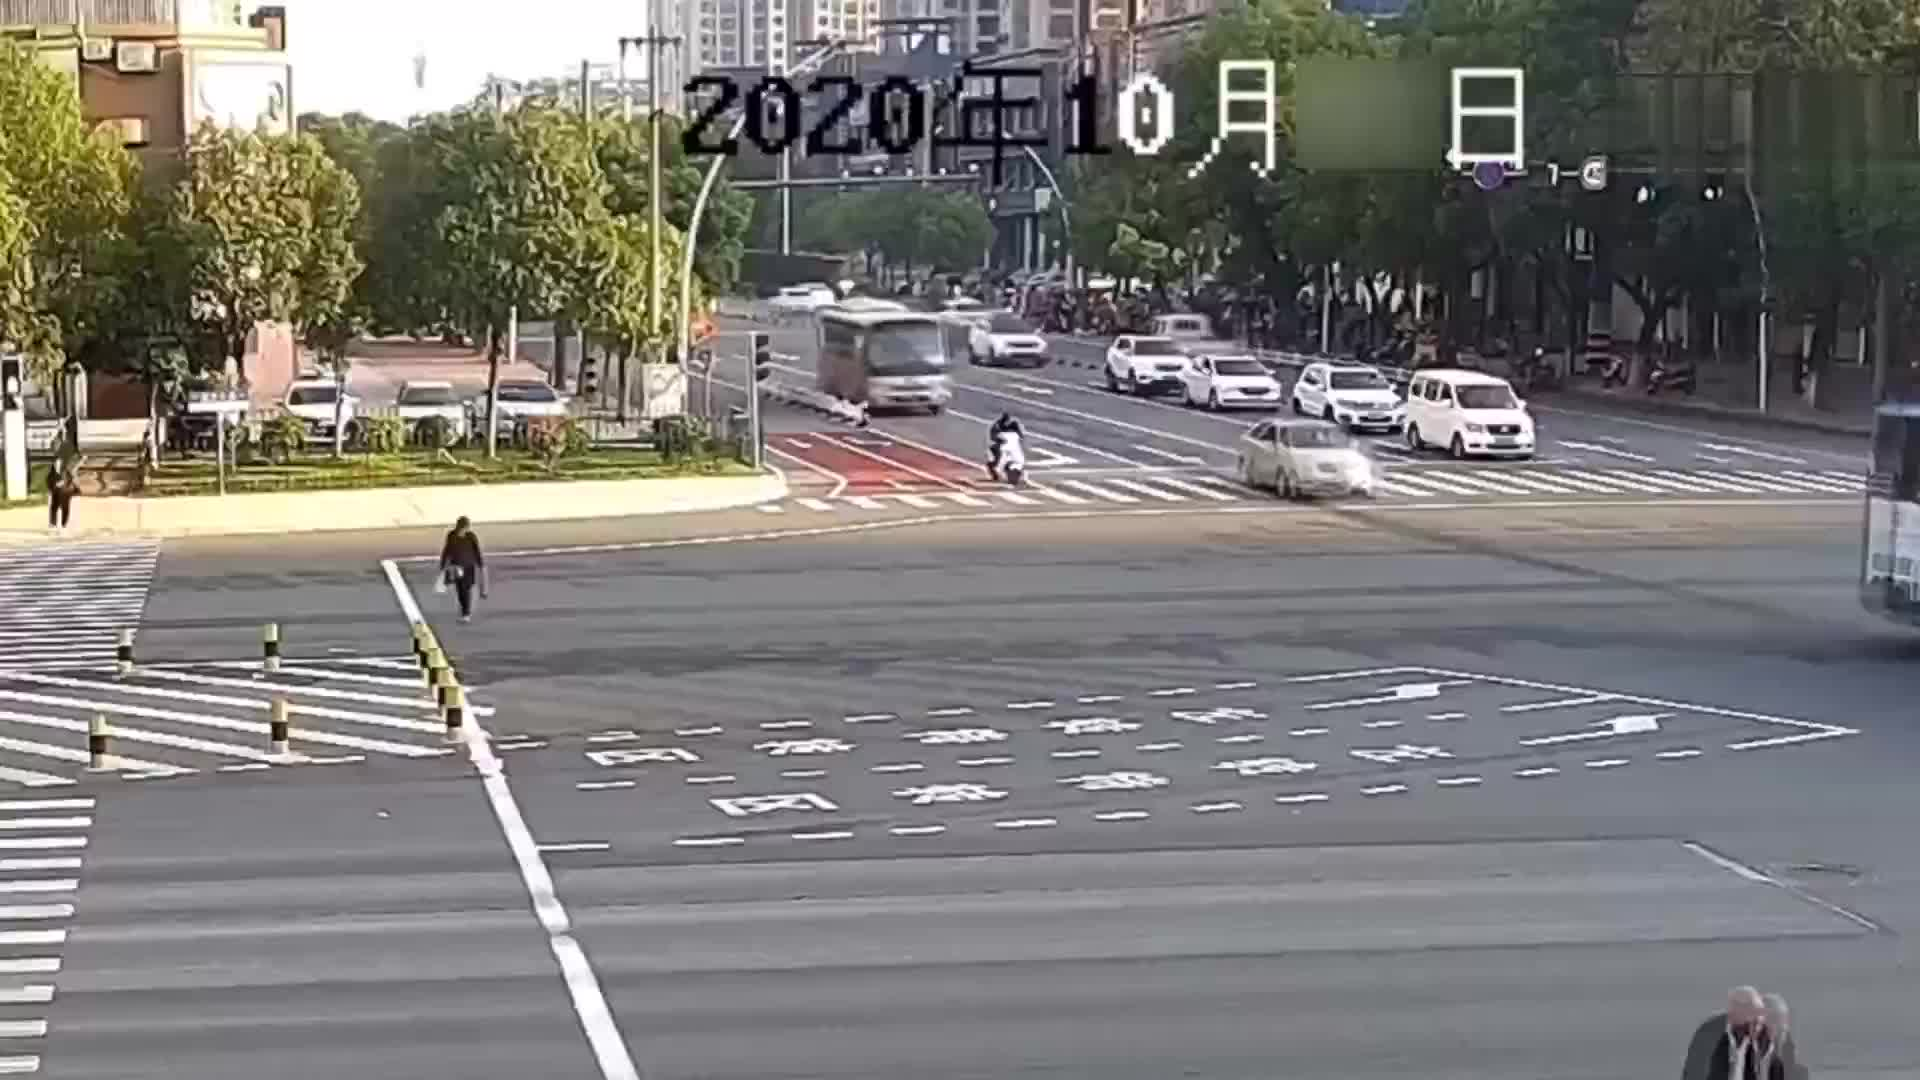 因出车祸后头盔飞走,骑手头部直接撞上路面